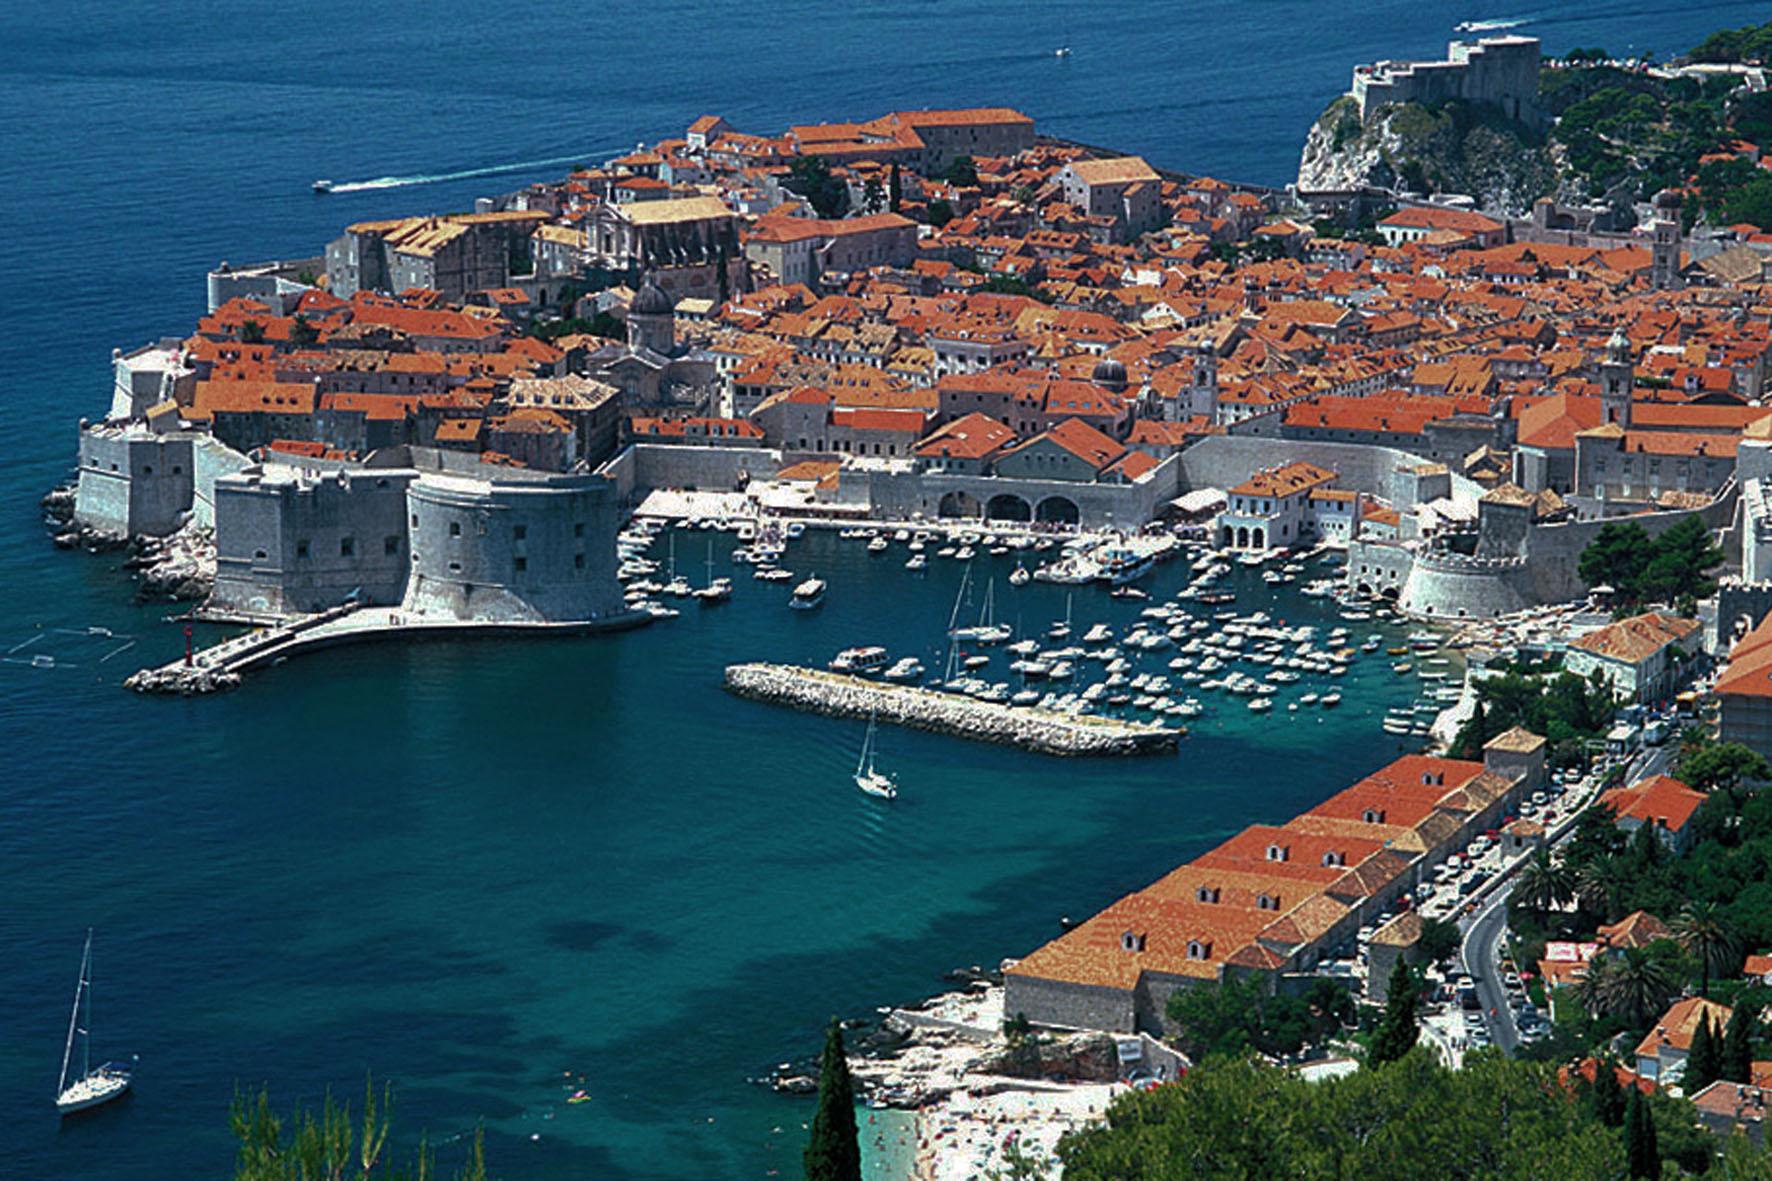 ville_dubrovnik_-_fortifications_port_005_(vieux_port).jpg